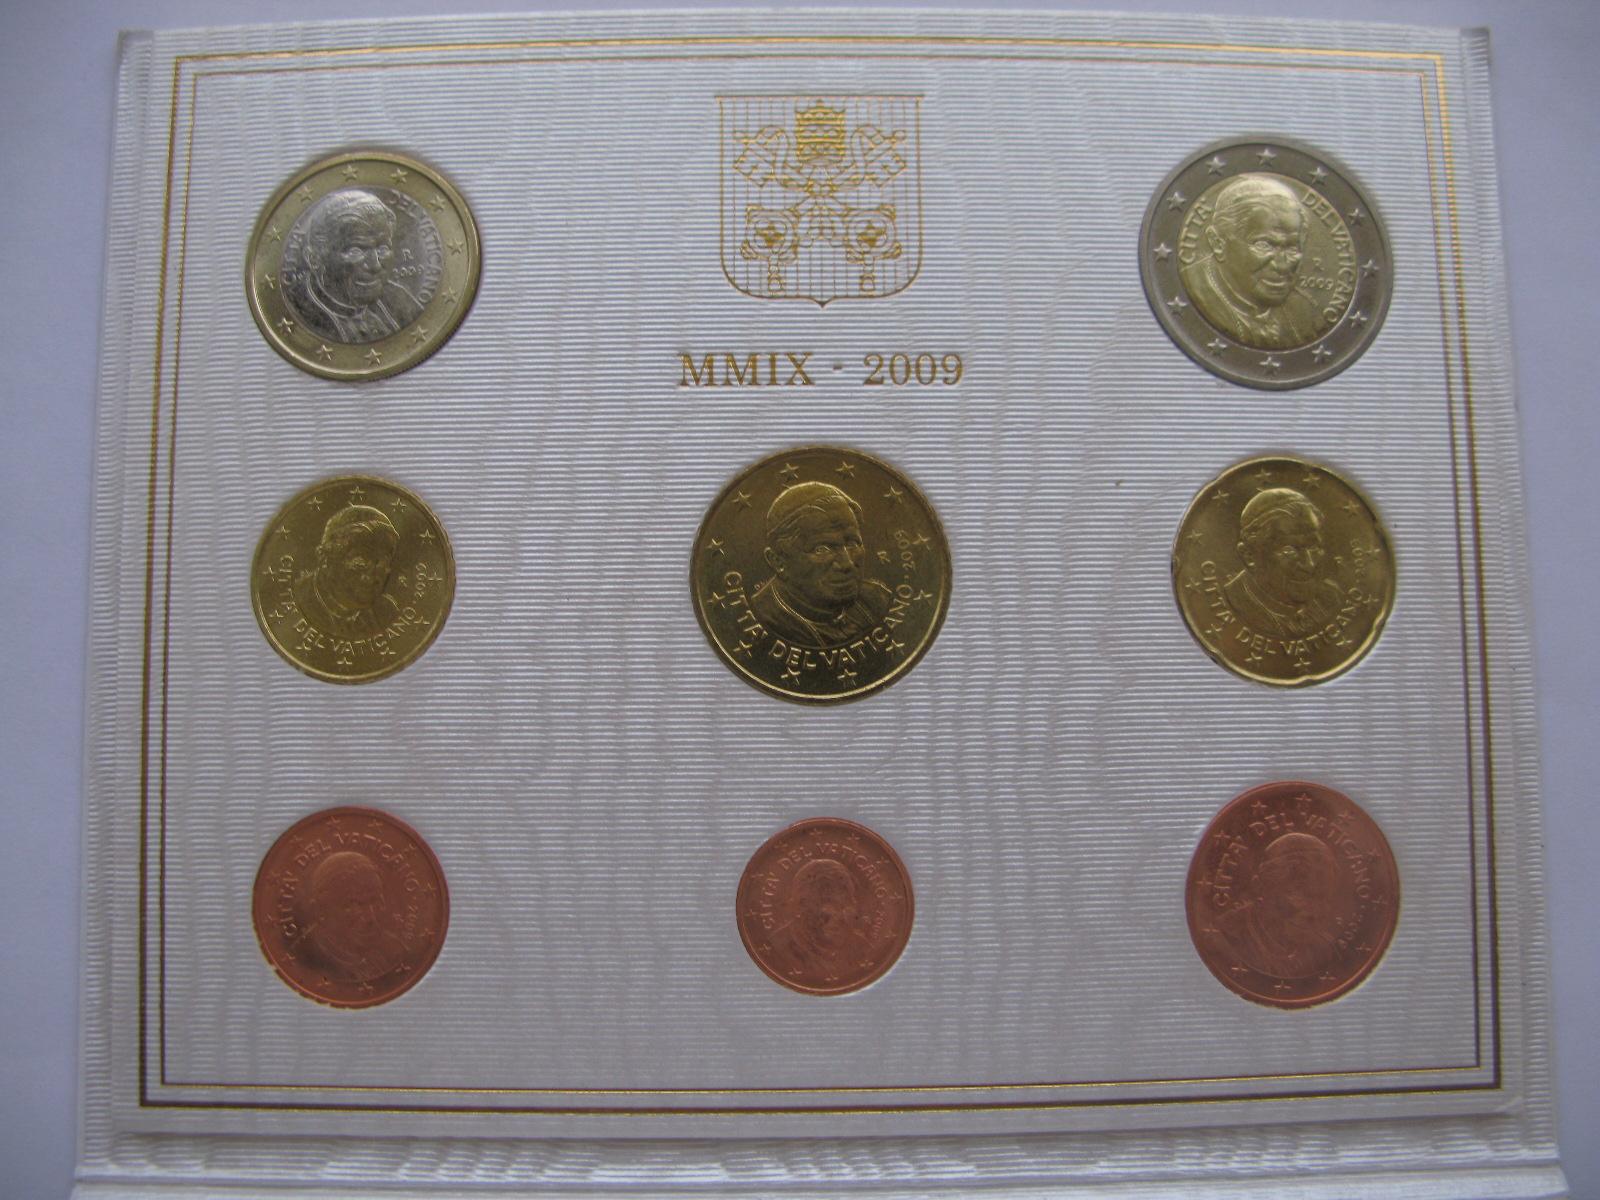 Ватикан официальный набор 2009 г.(Папа Бенедикт VXI )